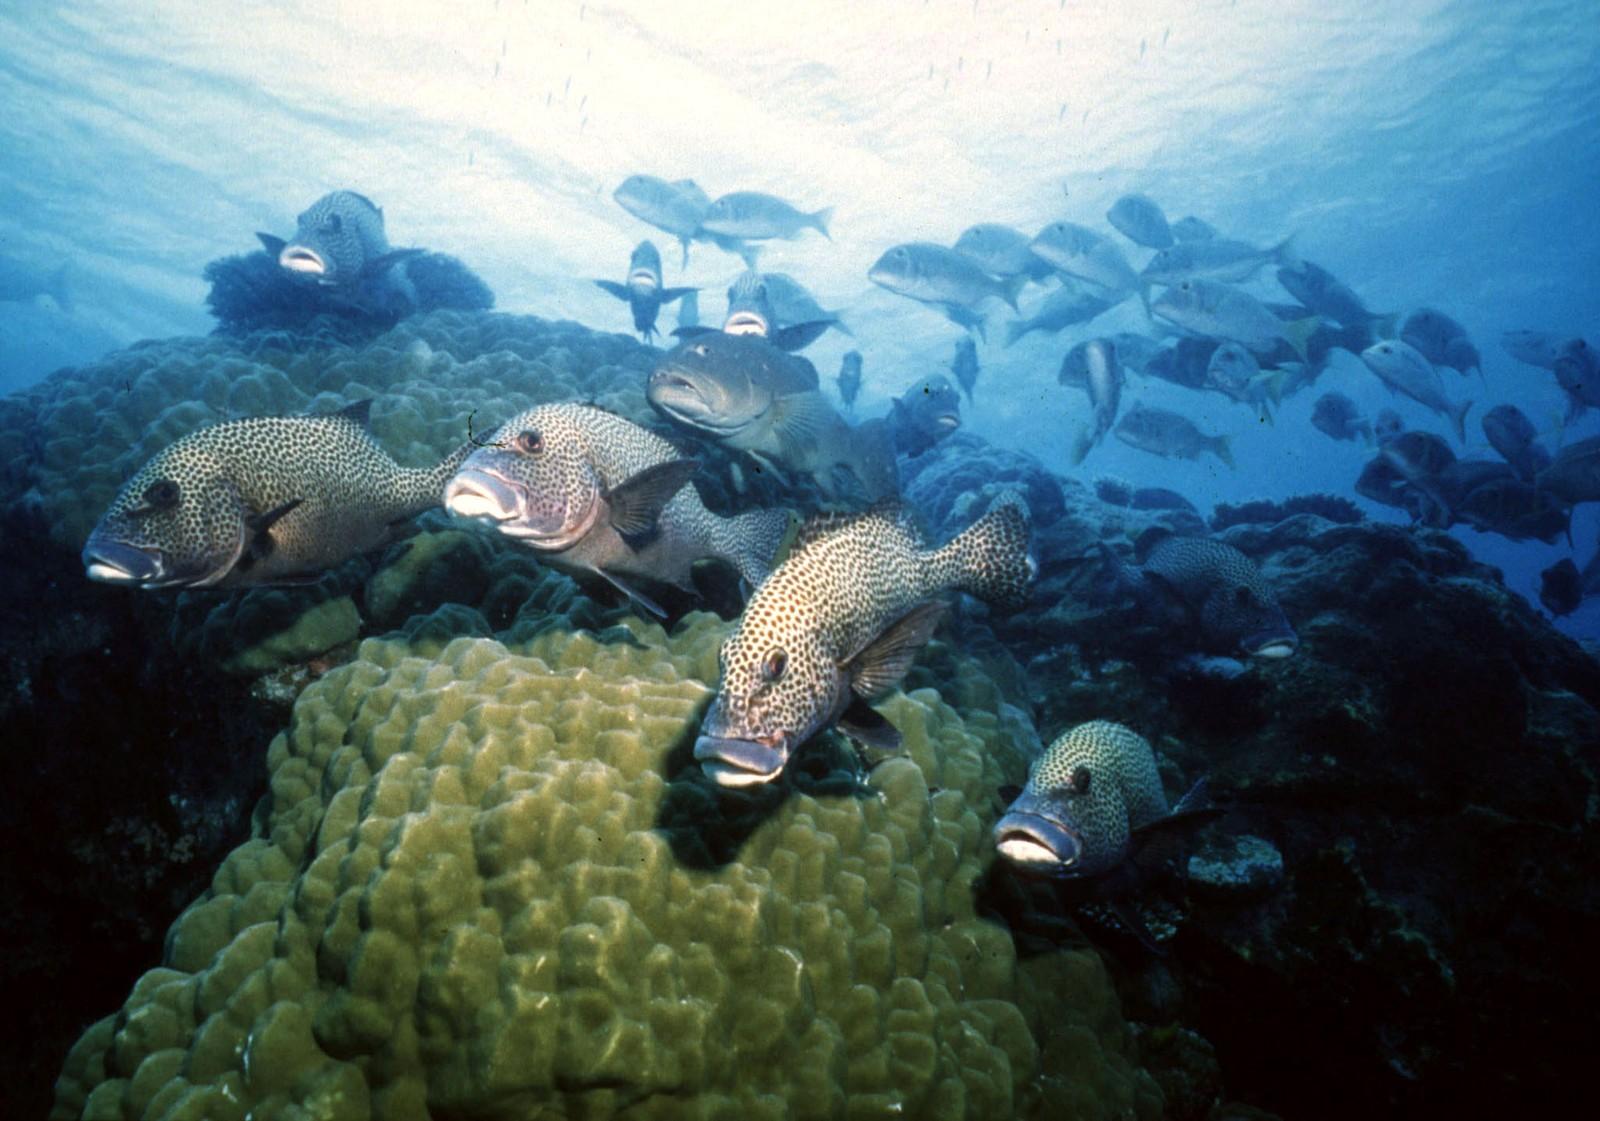 Rund 10 prosent av verdens fiskearter finnes på Great Barrier Reef. Økosystemet er truet av global oppvarming mener forskere.